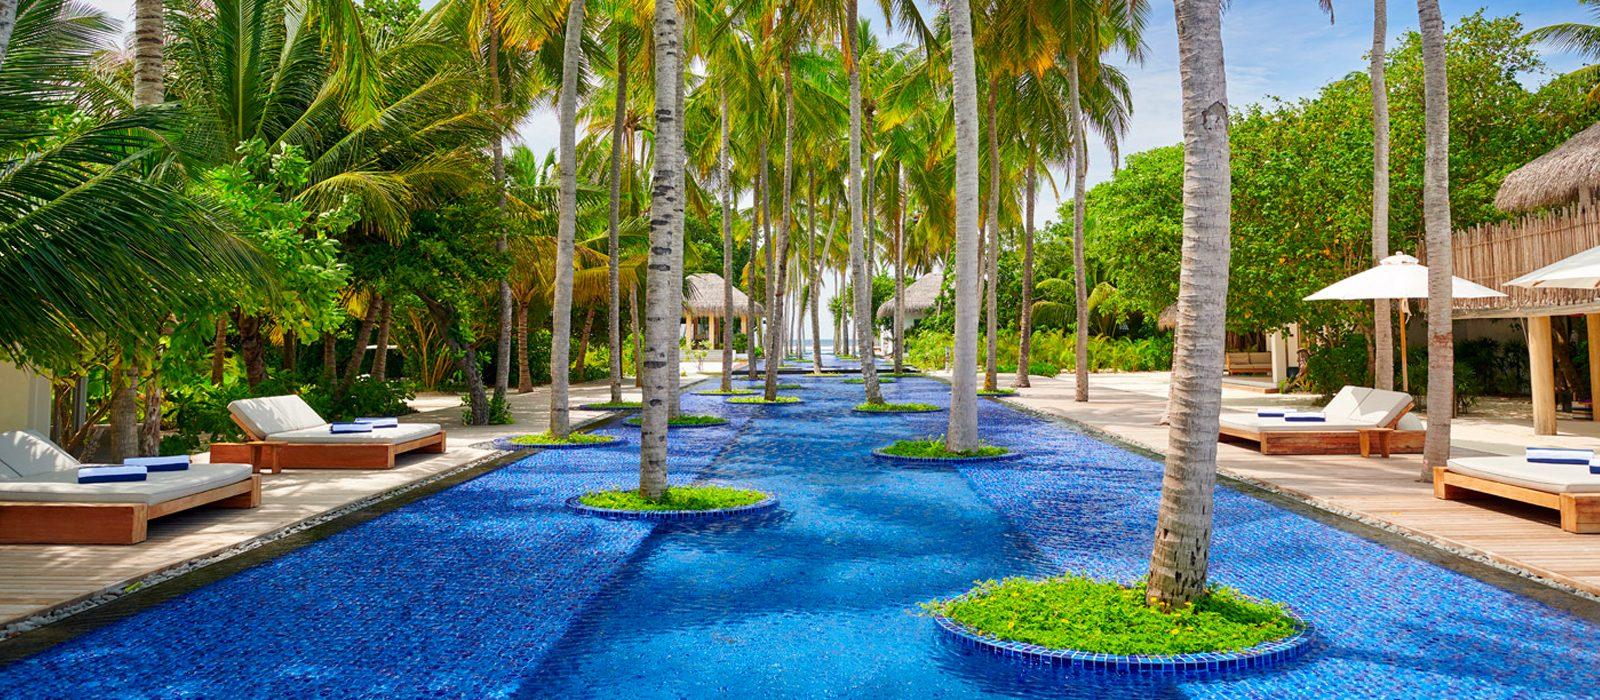 Luxury Maldives Holidays Fairmont Maldives Sirru Fen Fushi Header